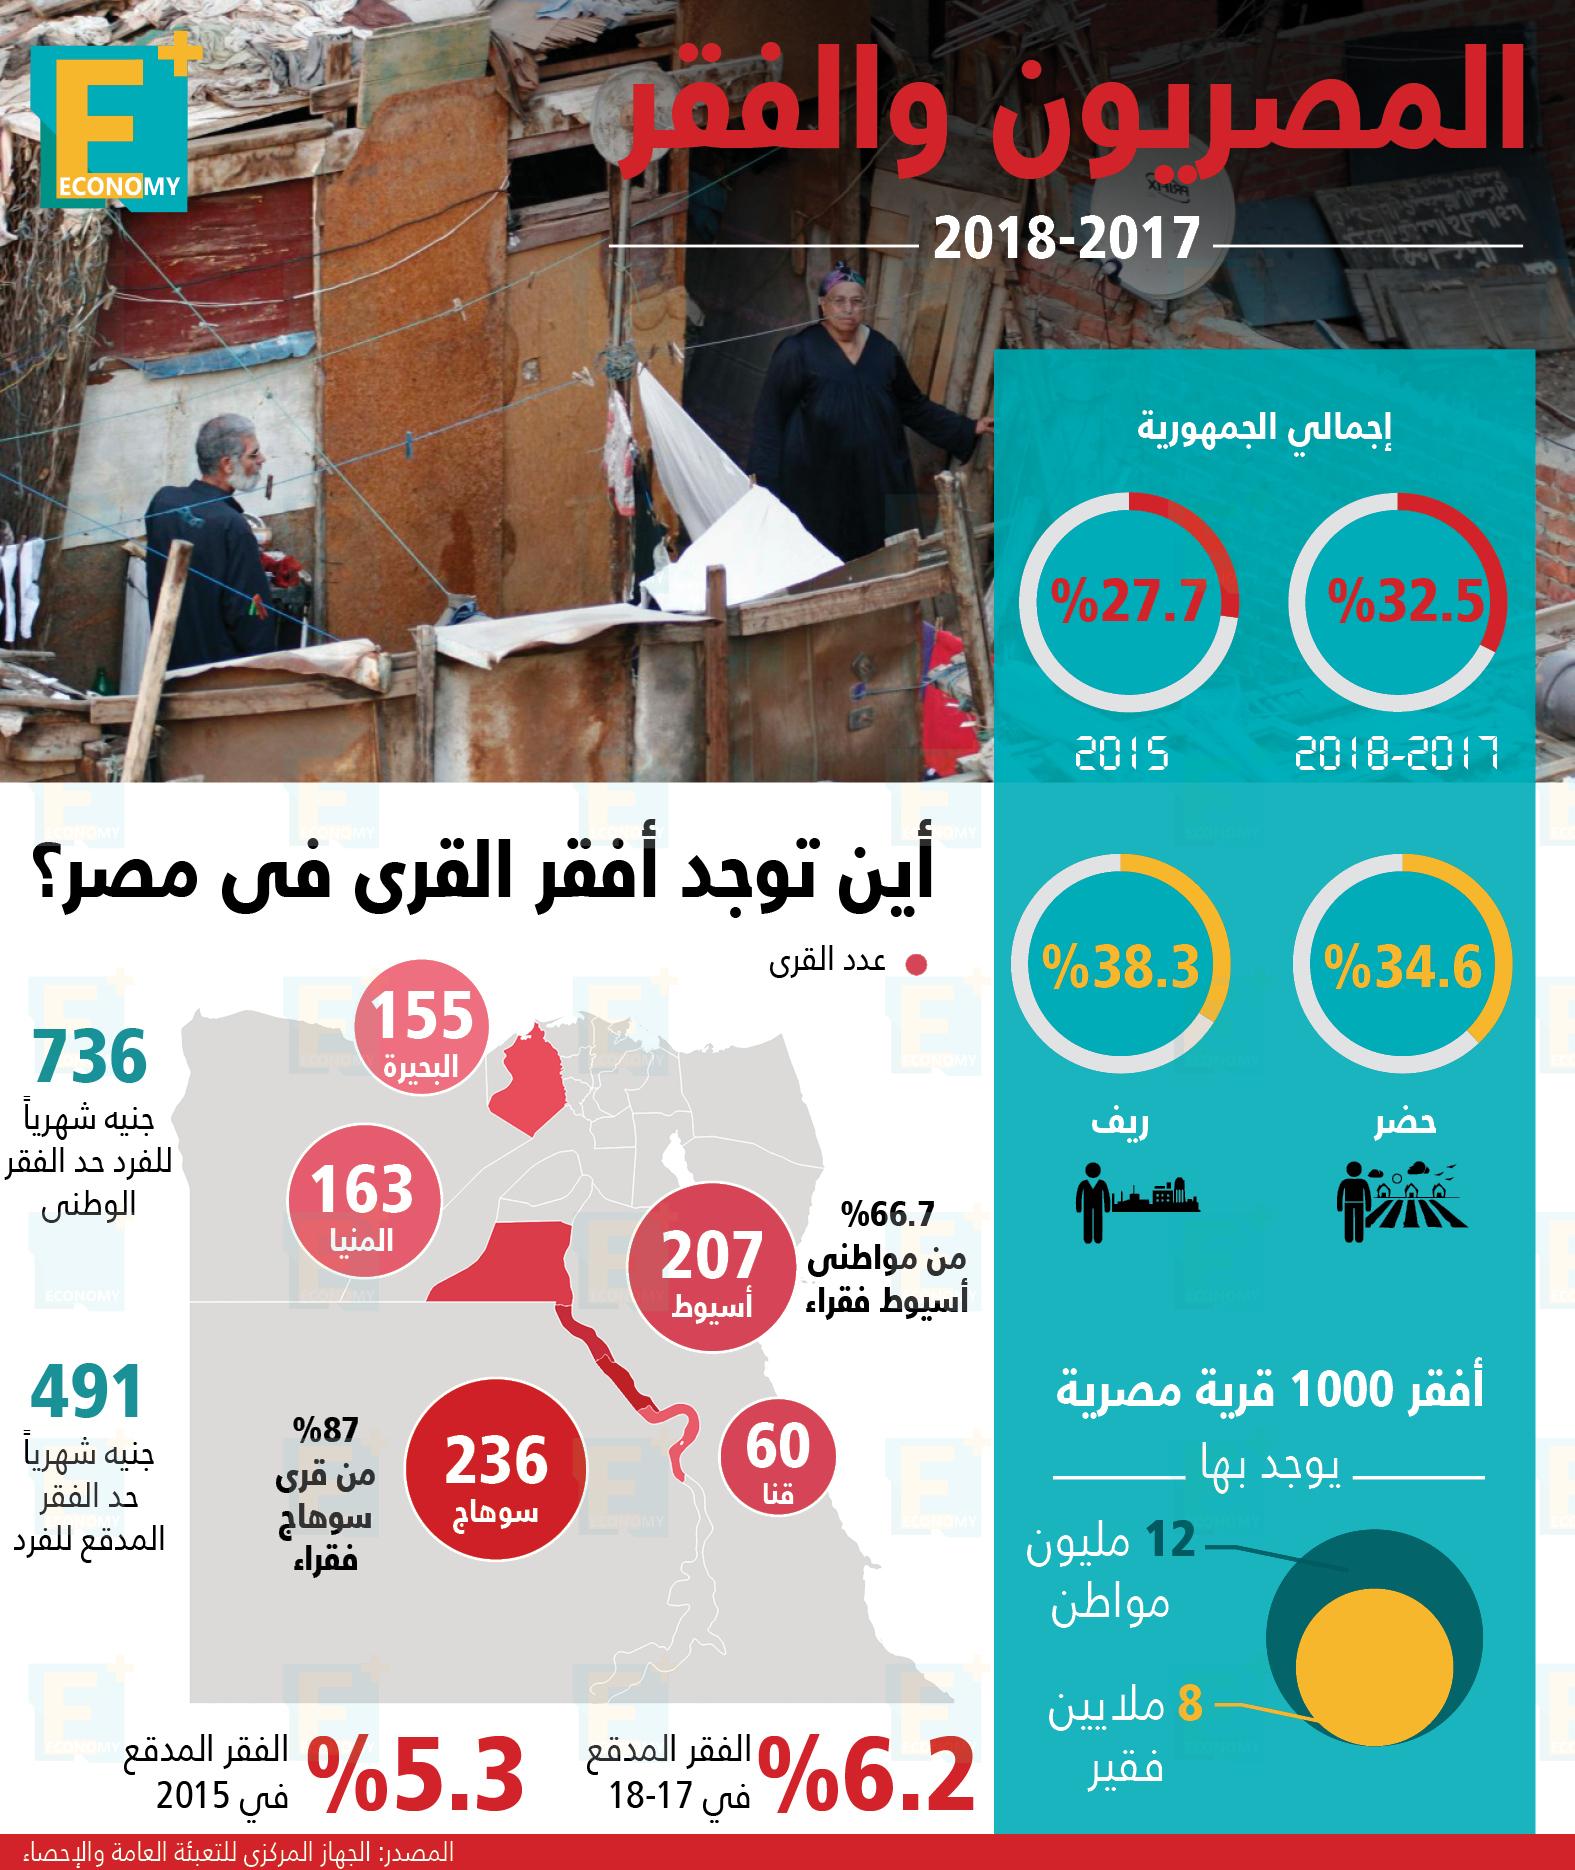 الفقر-أفقر 1000 قرية-مصر-فقراء-خط الفقر